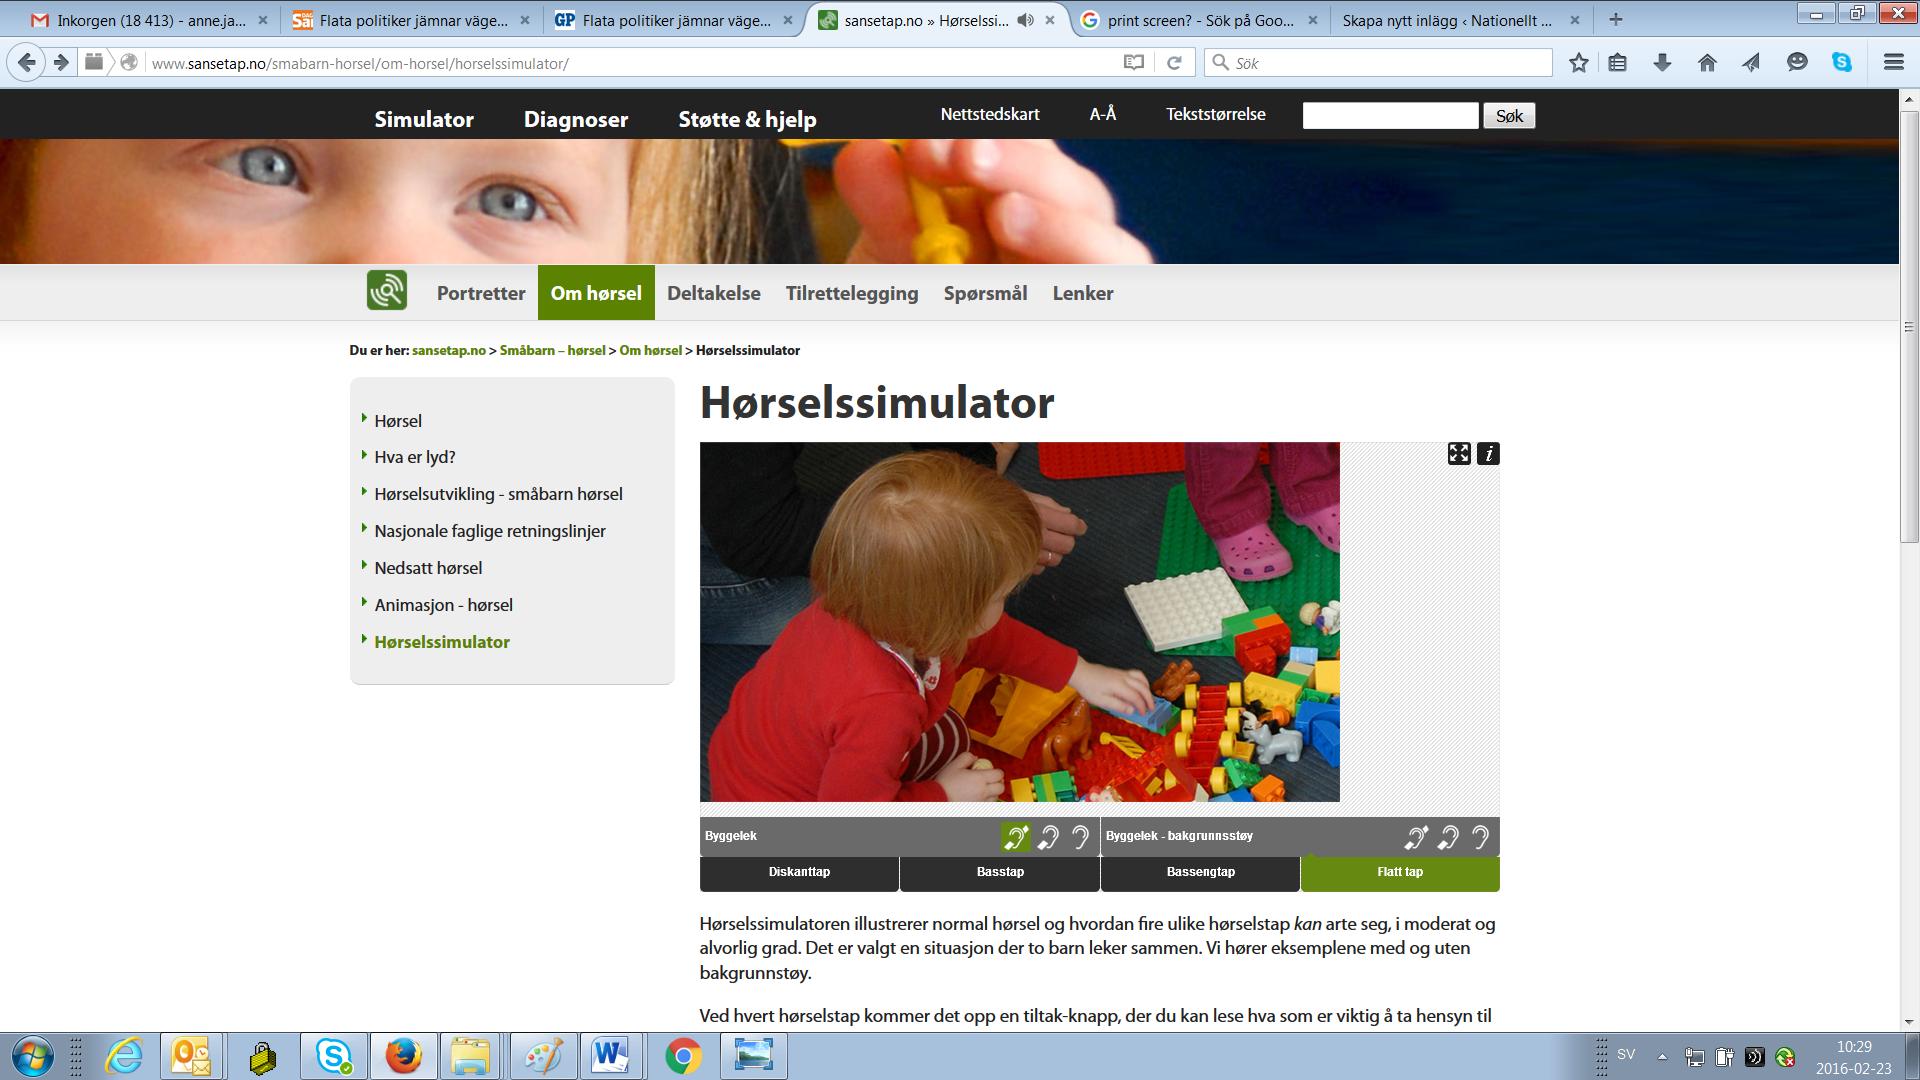 Bild på hemsidan för den norska hörselsimulatorn